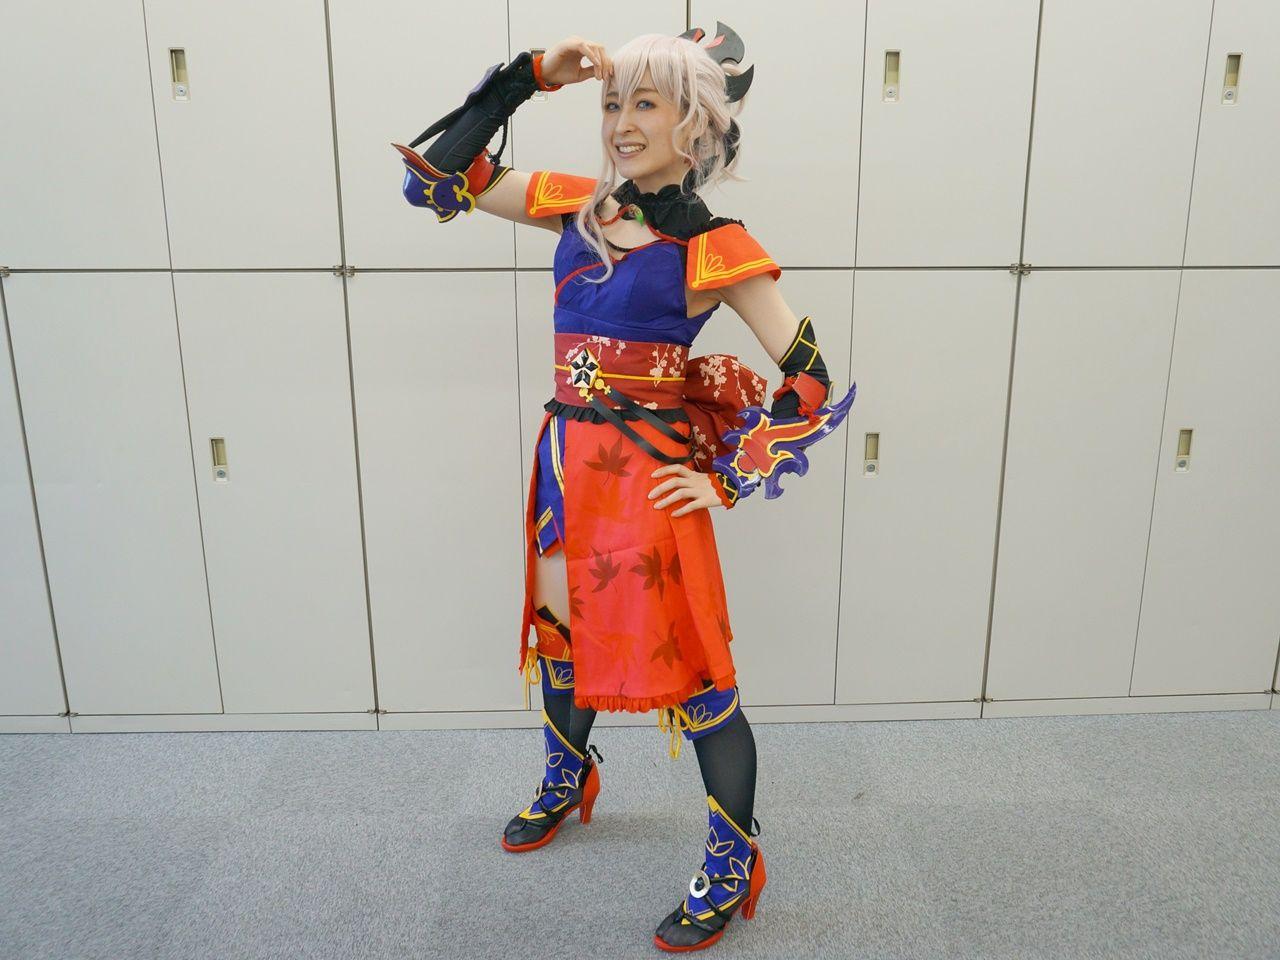 『FGO』武蔵ちゃん、嫁ネロ、スカサハらレイヤー座談会その1「初期はガチャがさらに渋くて!」の画像001